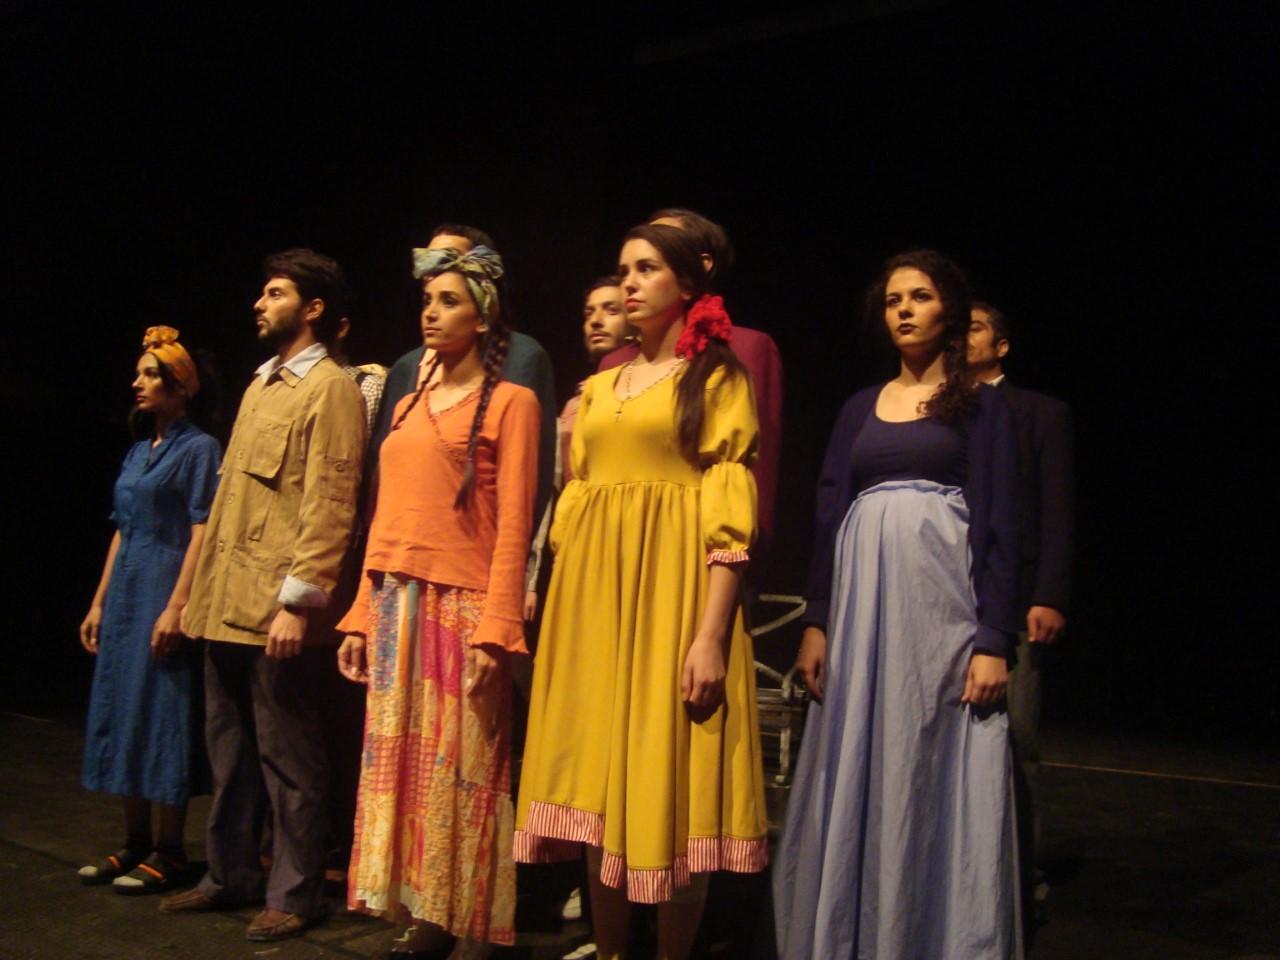 _لقطة من عرض المهاجر على مسرح دار الأوبرا السورية.jpg